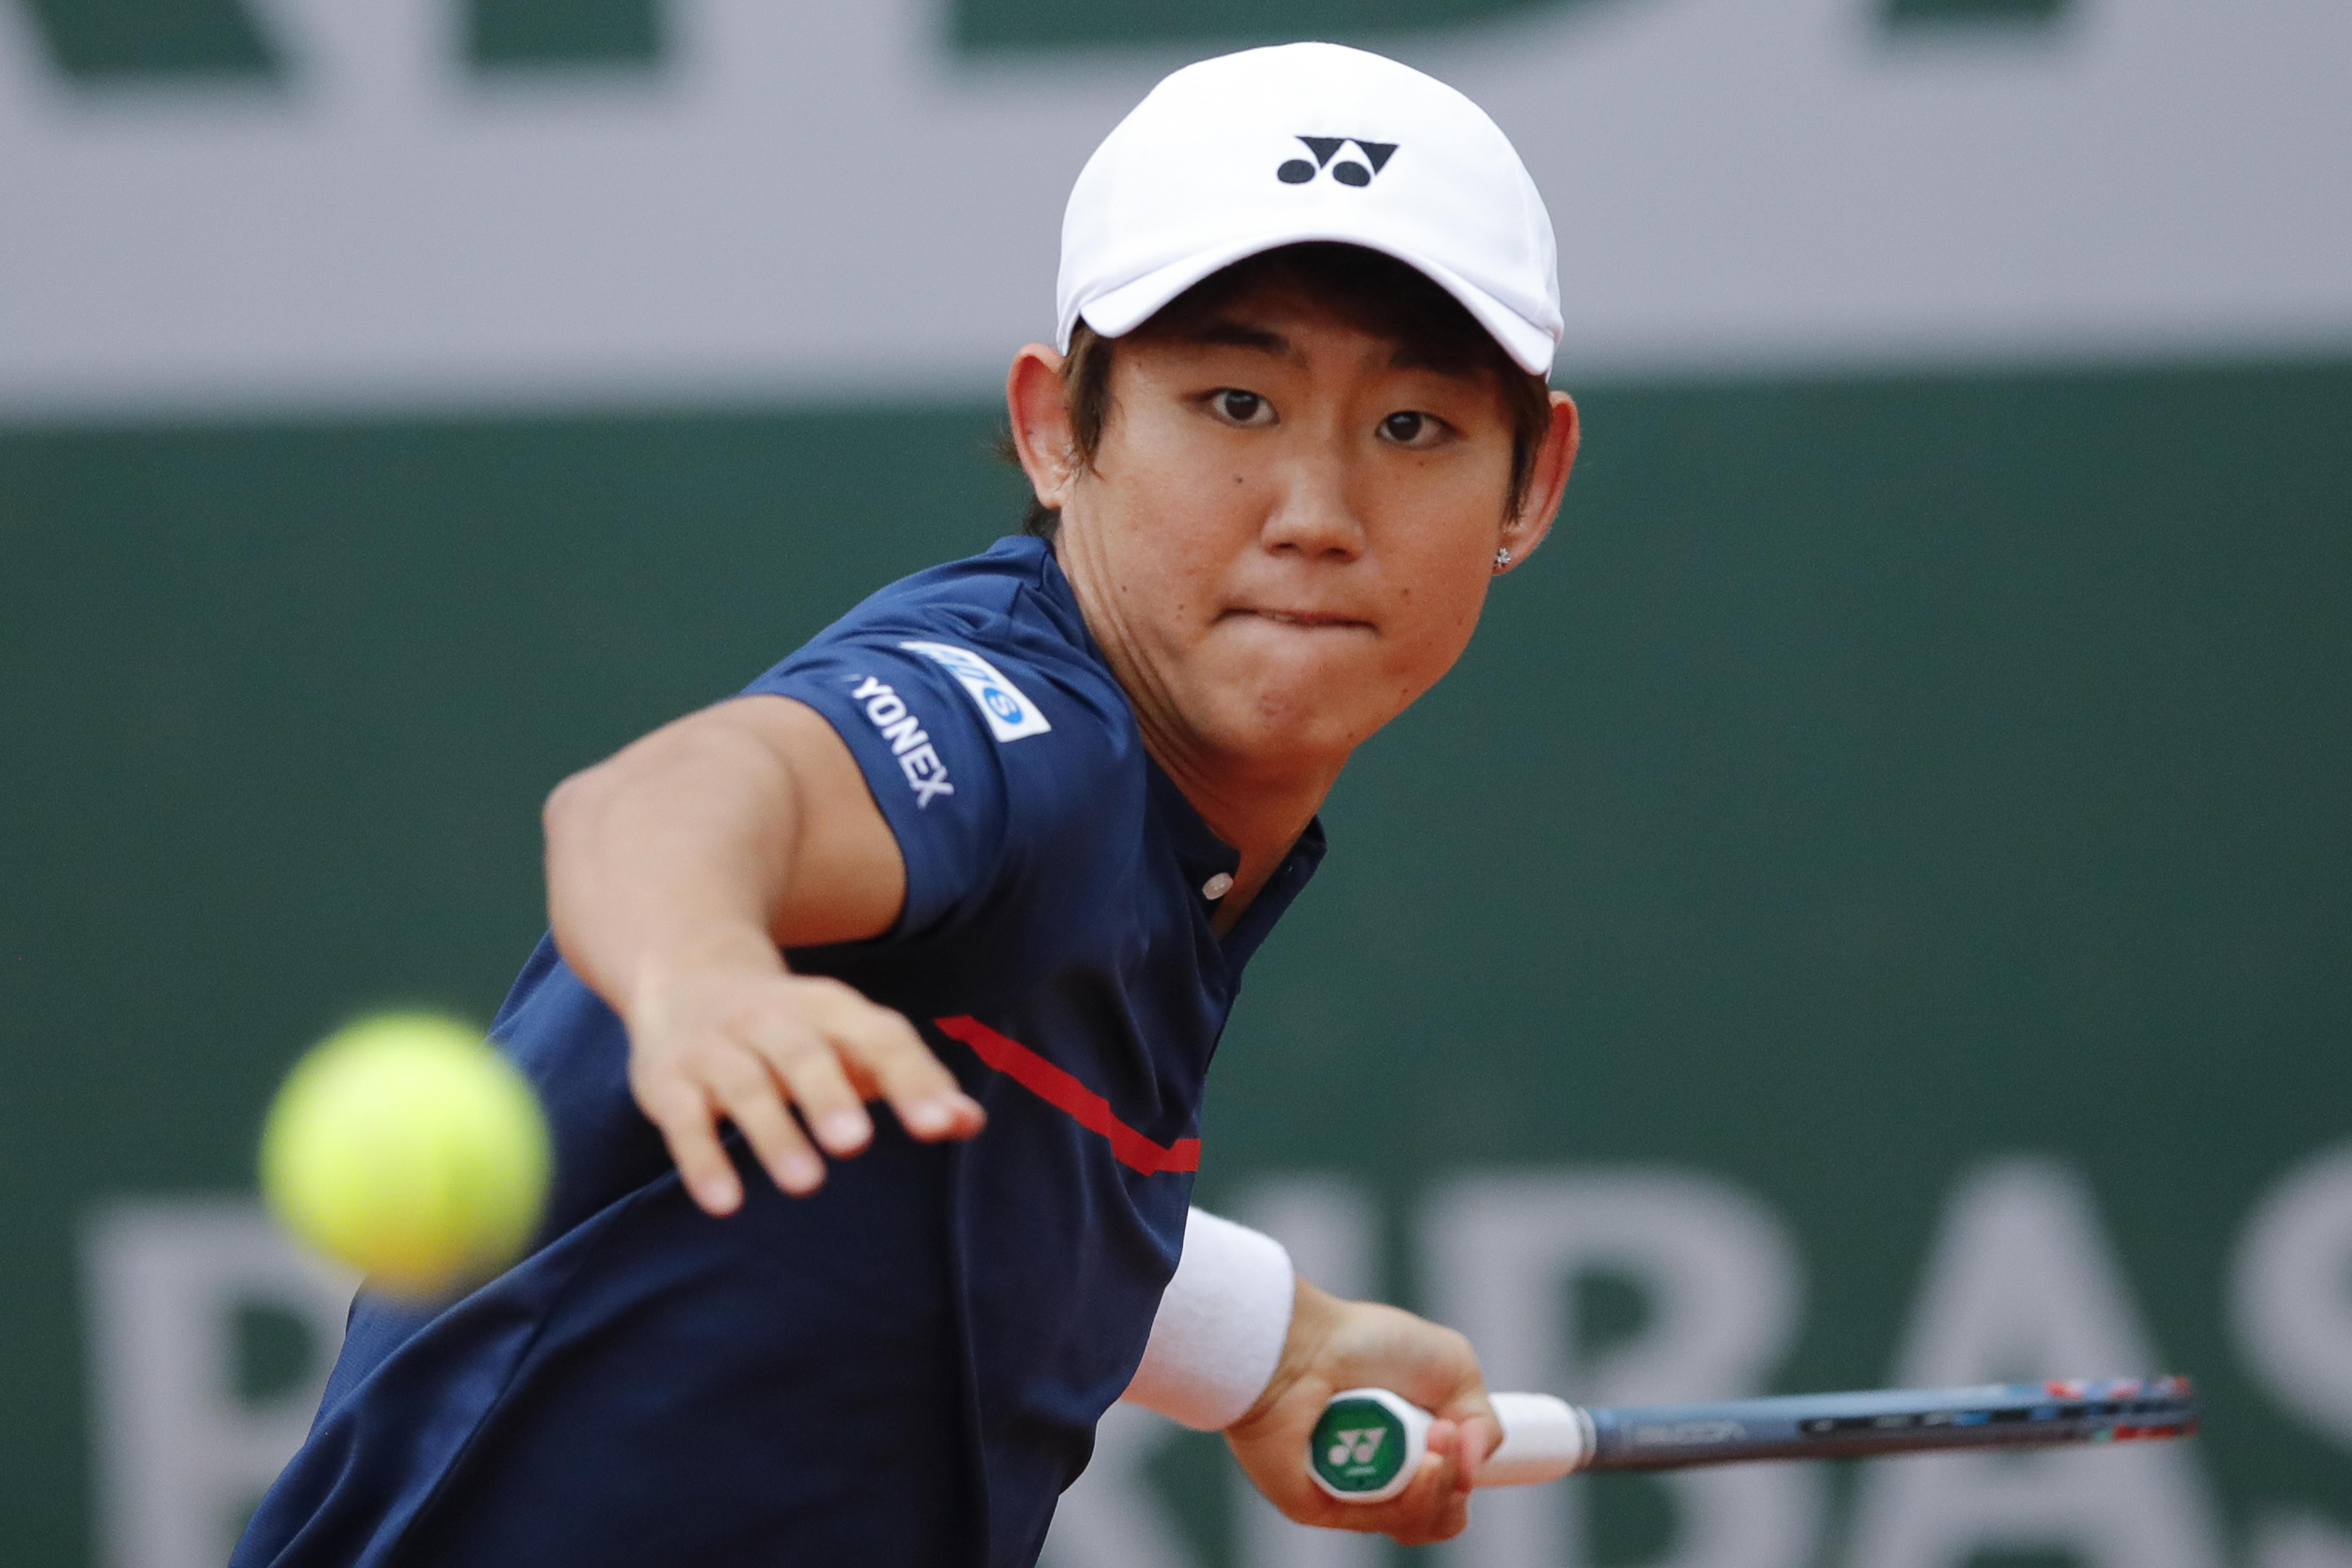 【全仏テニス】西岡良仁 初戦突破!世界22位のシード選手にストレート勝利